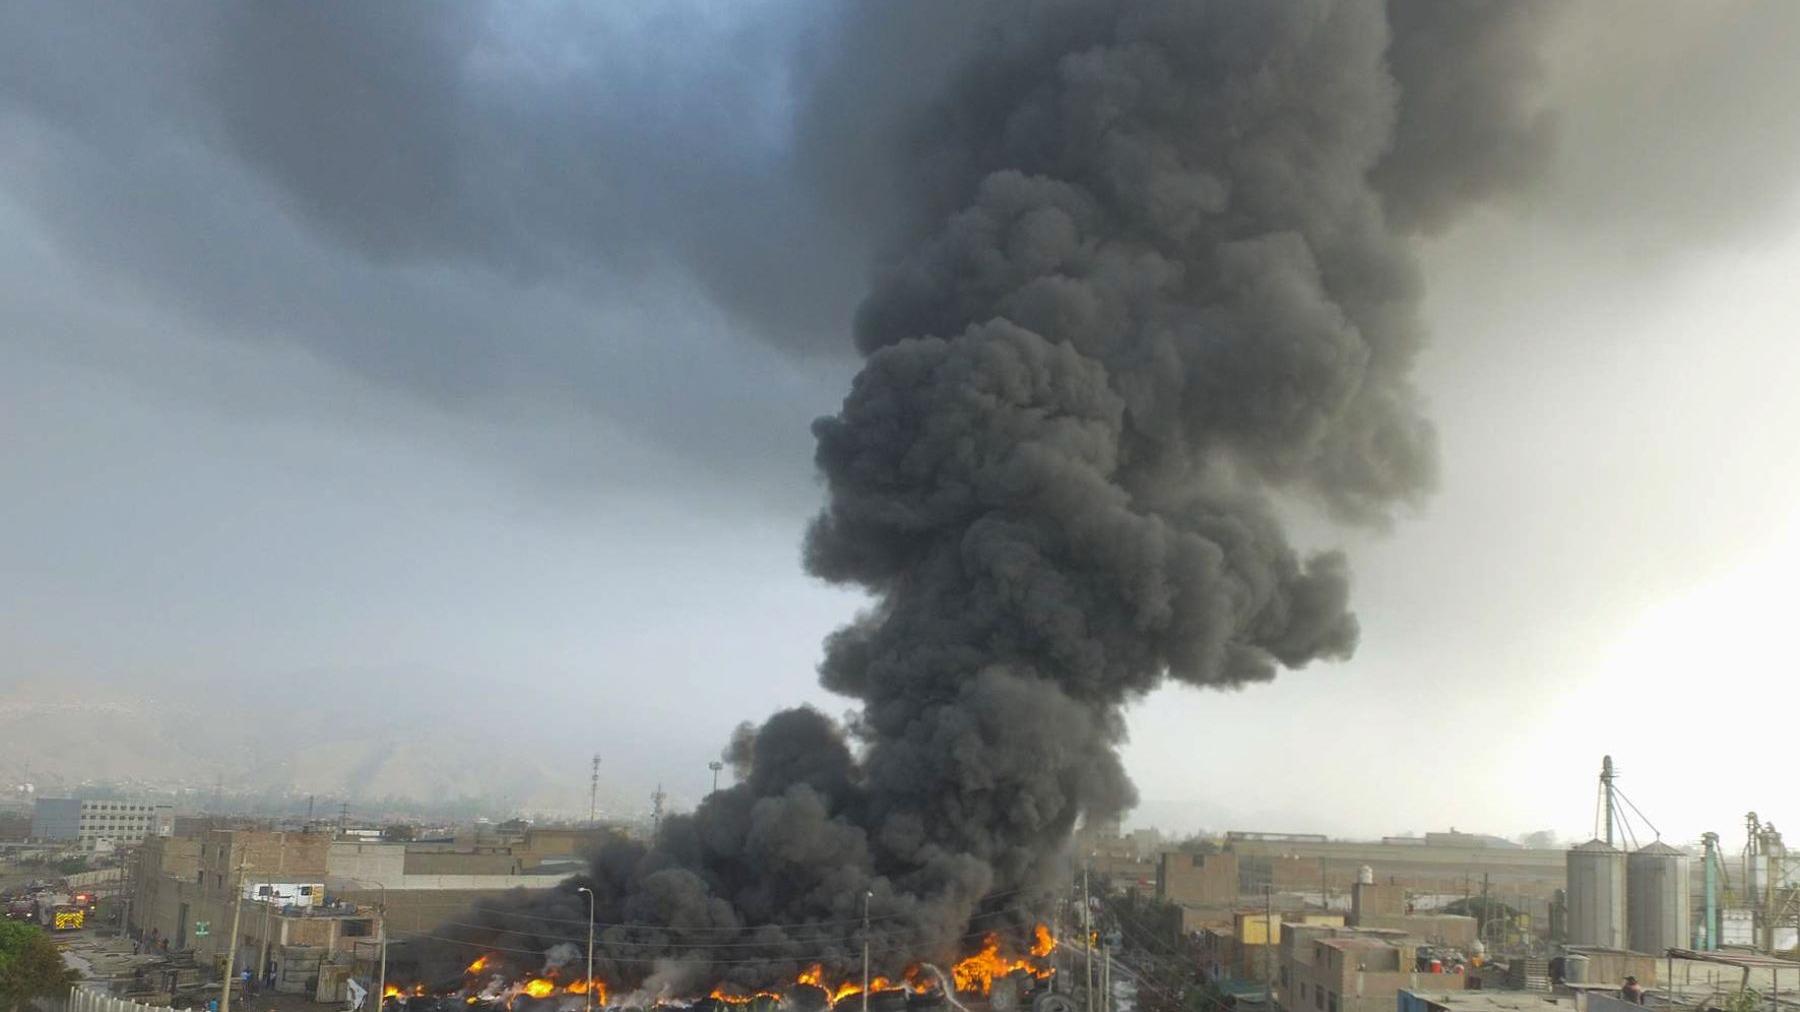 El viceministro hizo un llamado a la población a que por el momento se alejen de la zona de incendio por las altas partículas de contaminación.